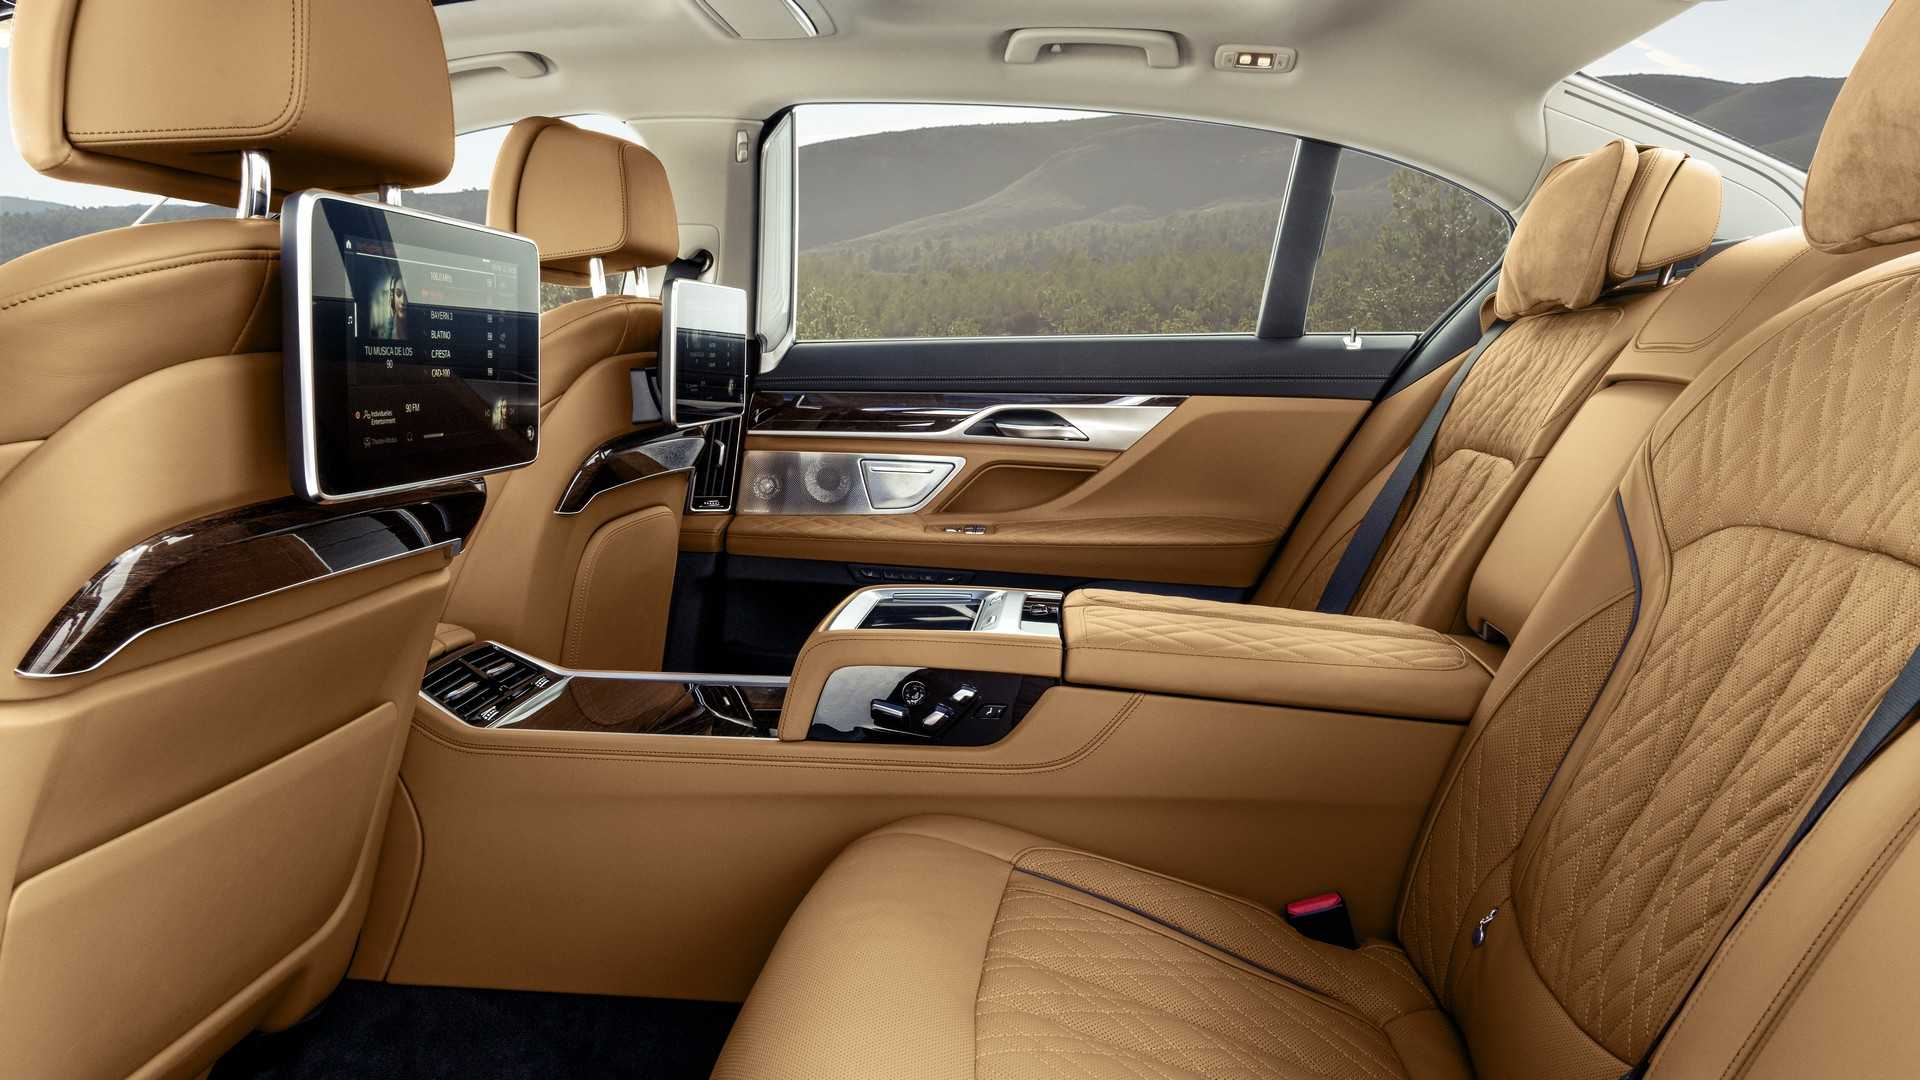 BMW 7 Series thế hệ mới sẽ có thêm bản chạy điện hoàn toàn - 31